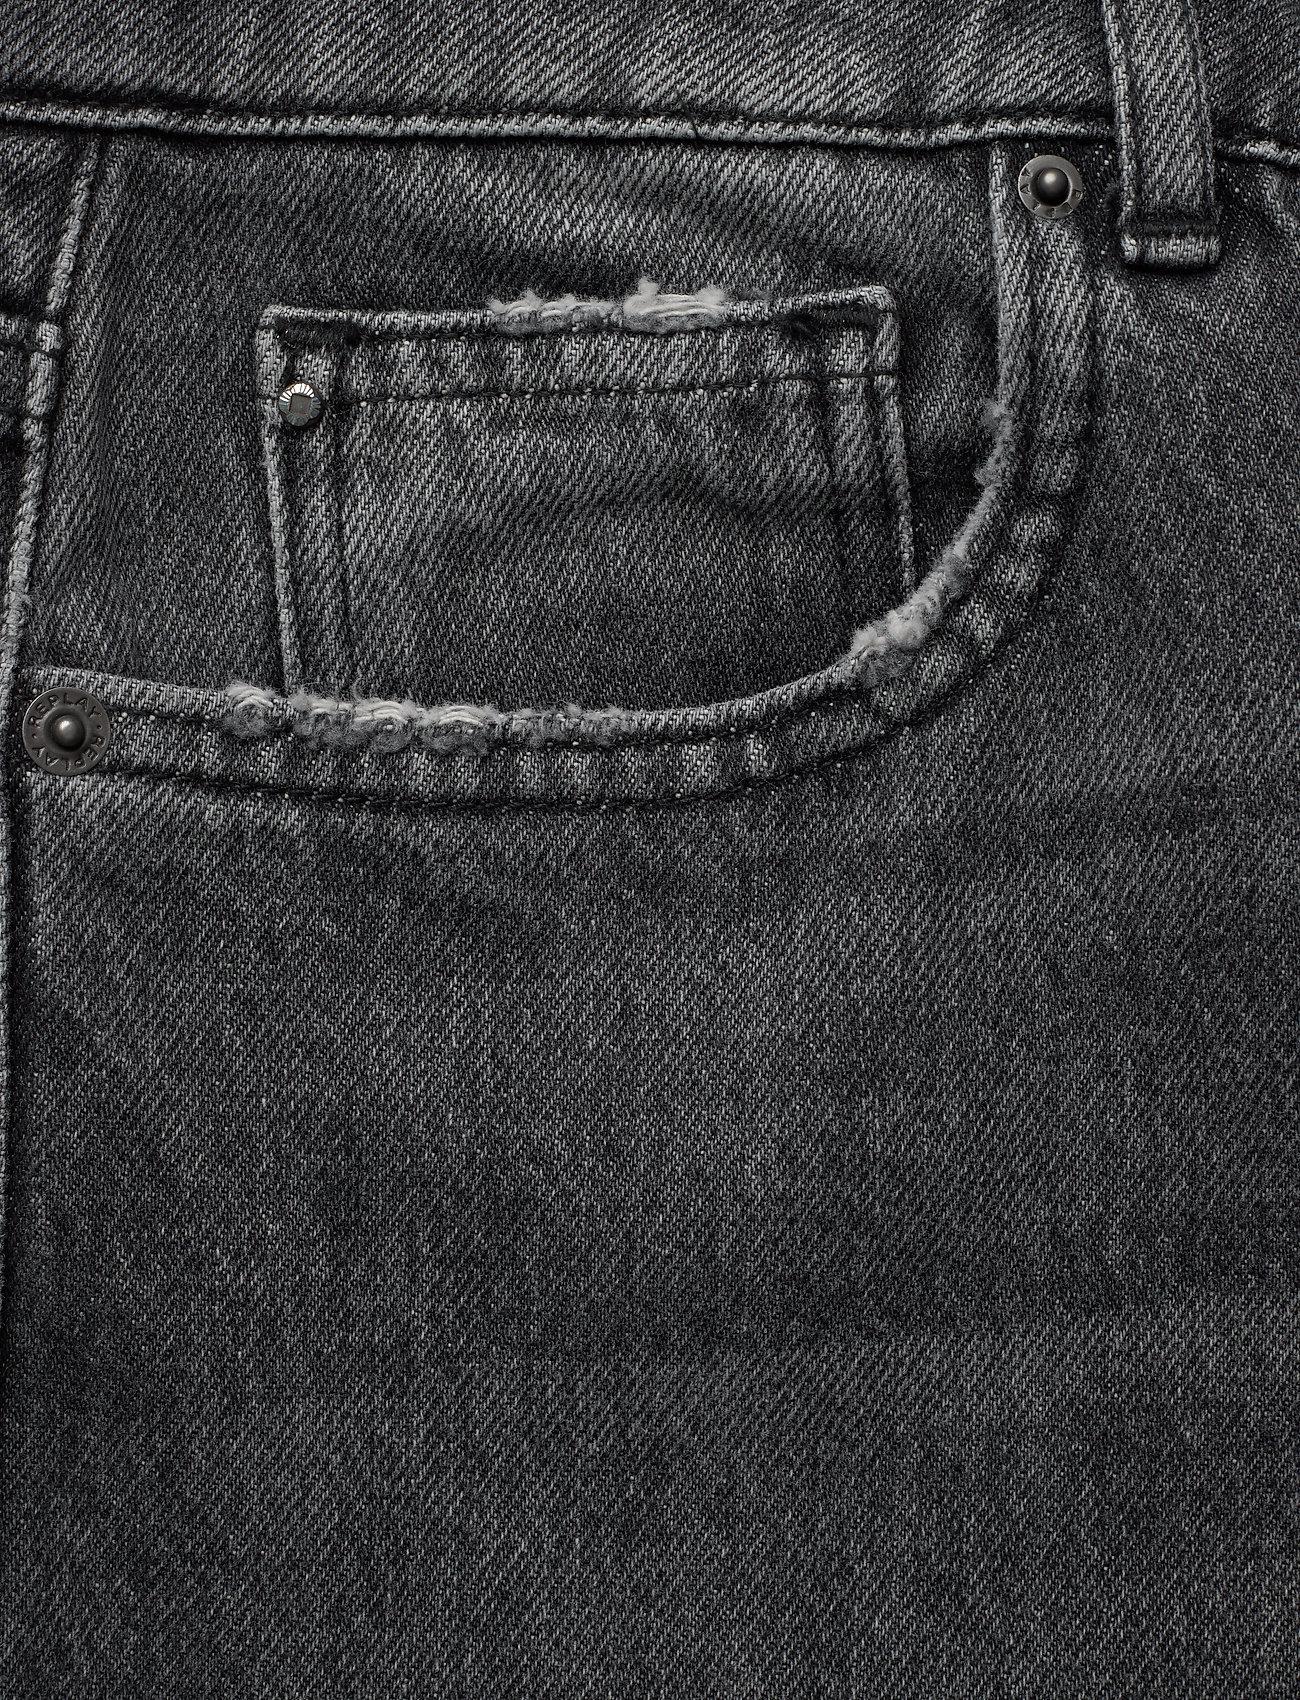 Replay Trousers - Dżinsy DARK GREY - Kobiety Odzież.